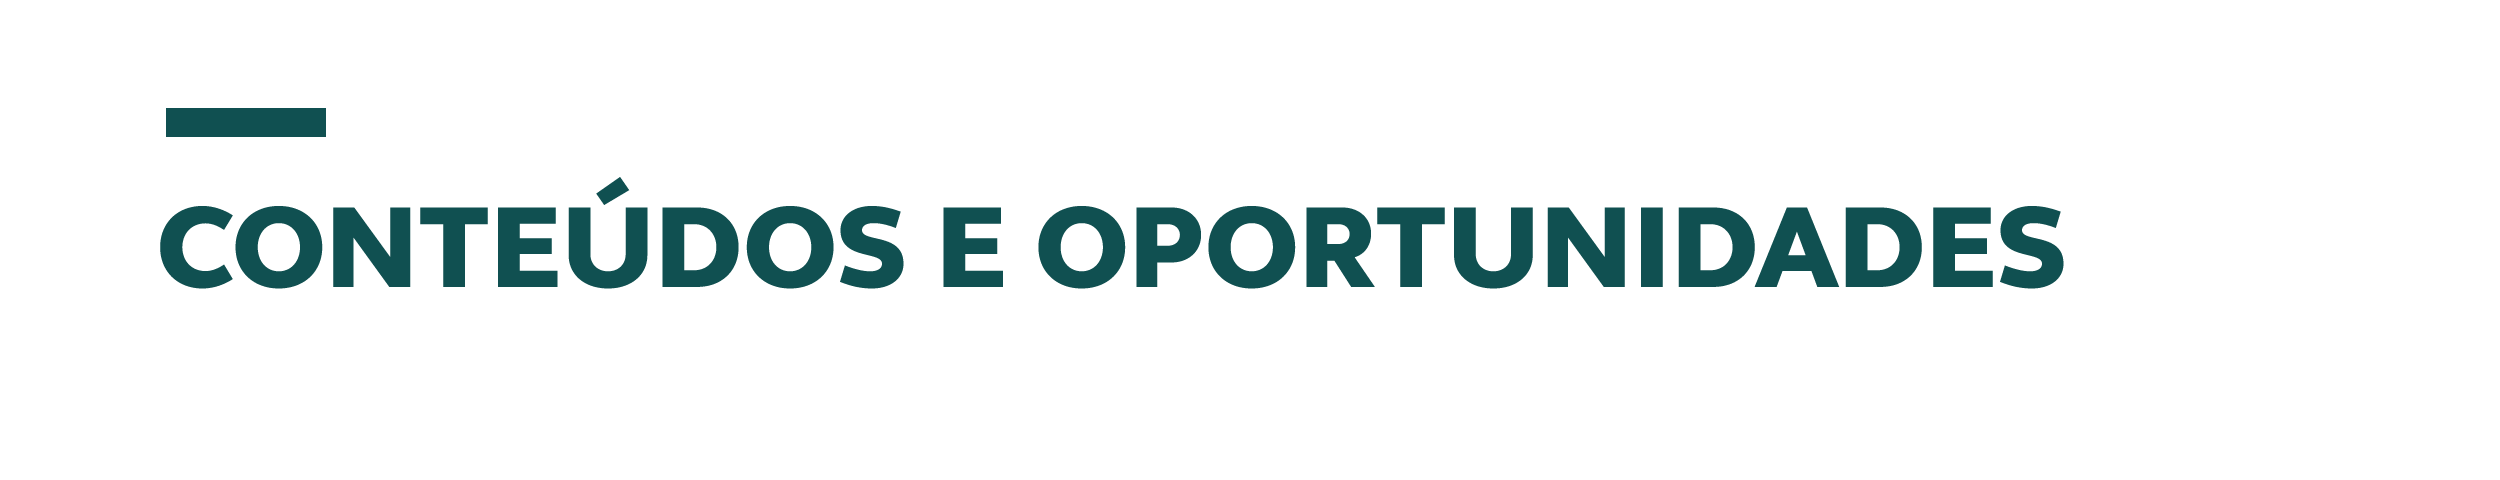 Conteúdos e oportunidades